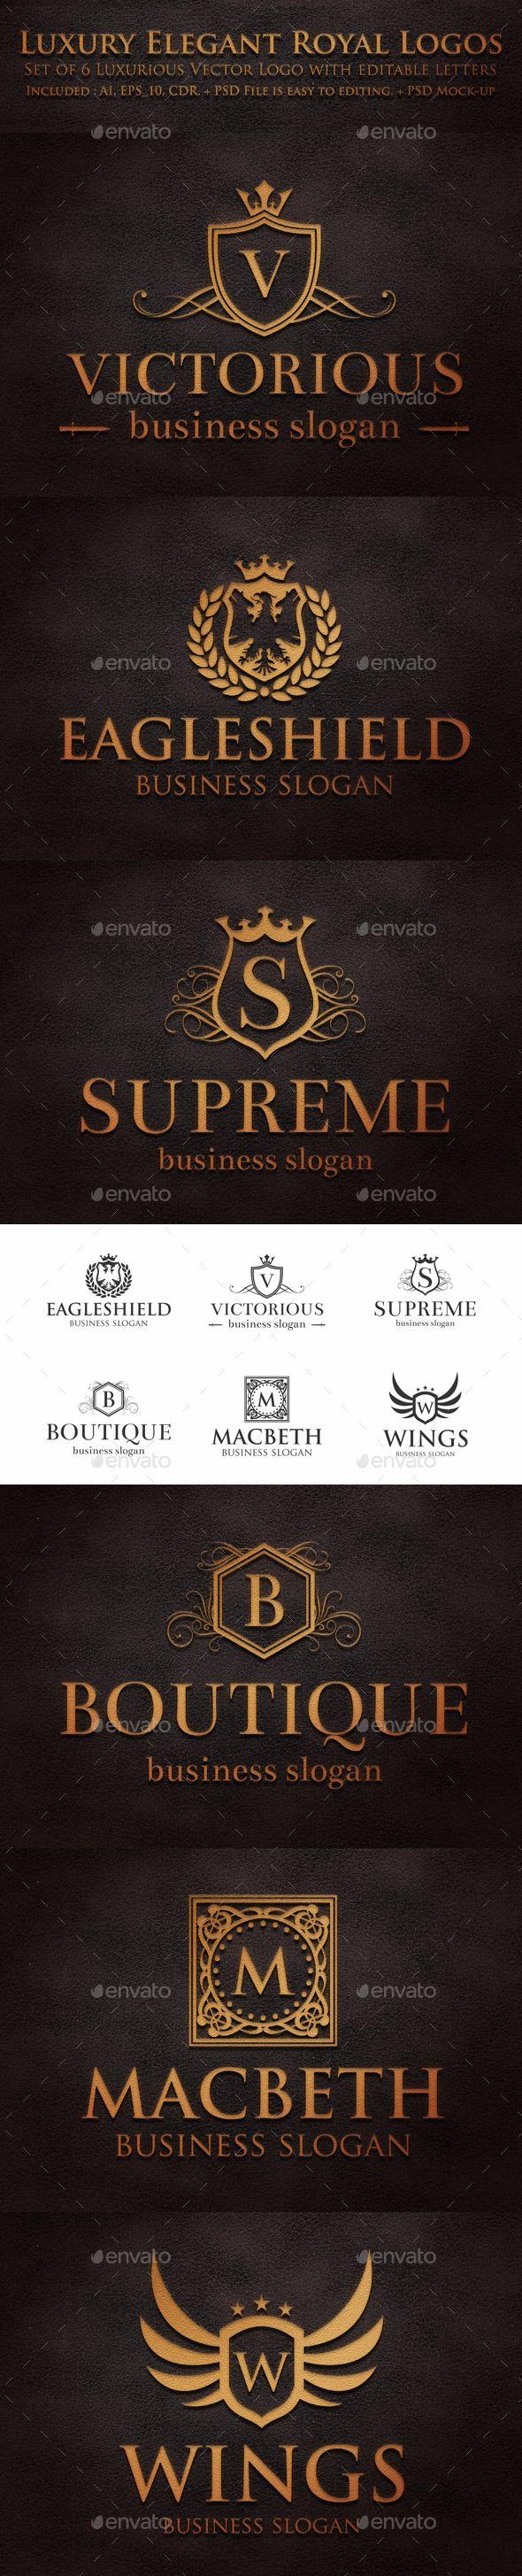 Luxury Elegant Royal Logos - Download…